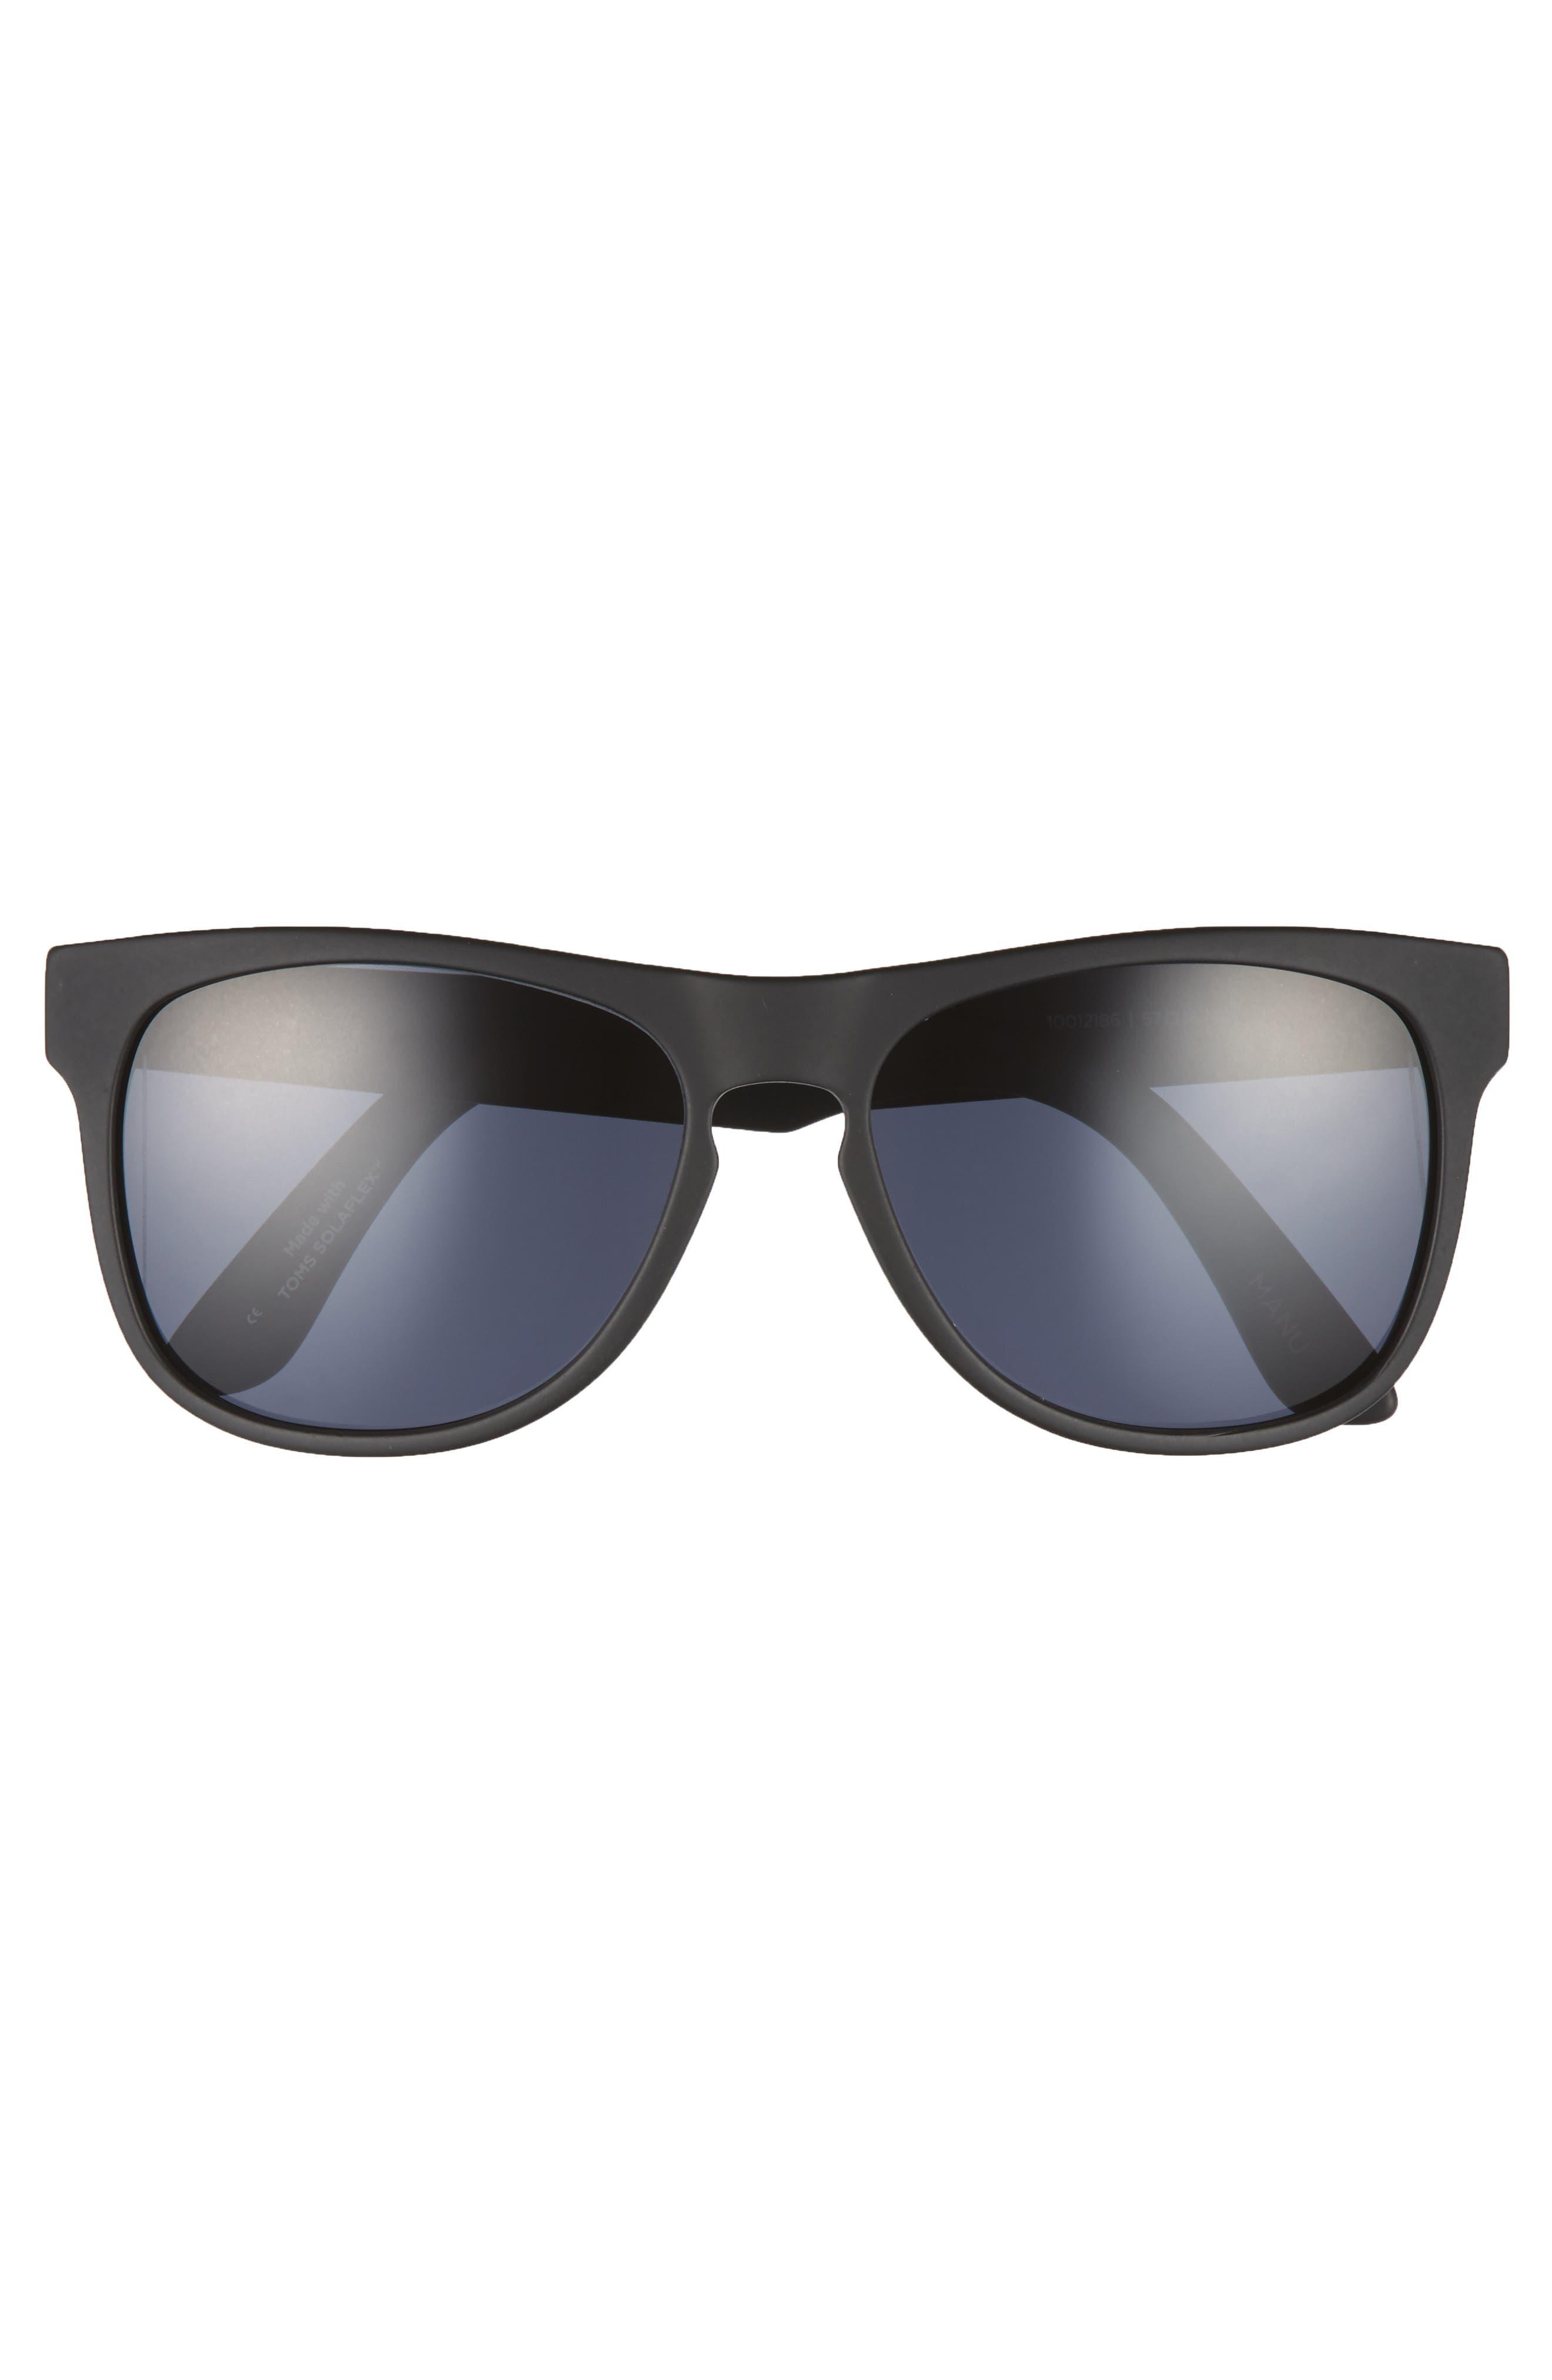 Manu 57mm Polarized Sunglasses,                             Alternate thumbnail 2, color,                             MATTE BLACK POLAR